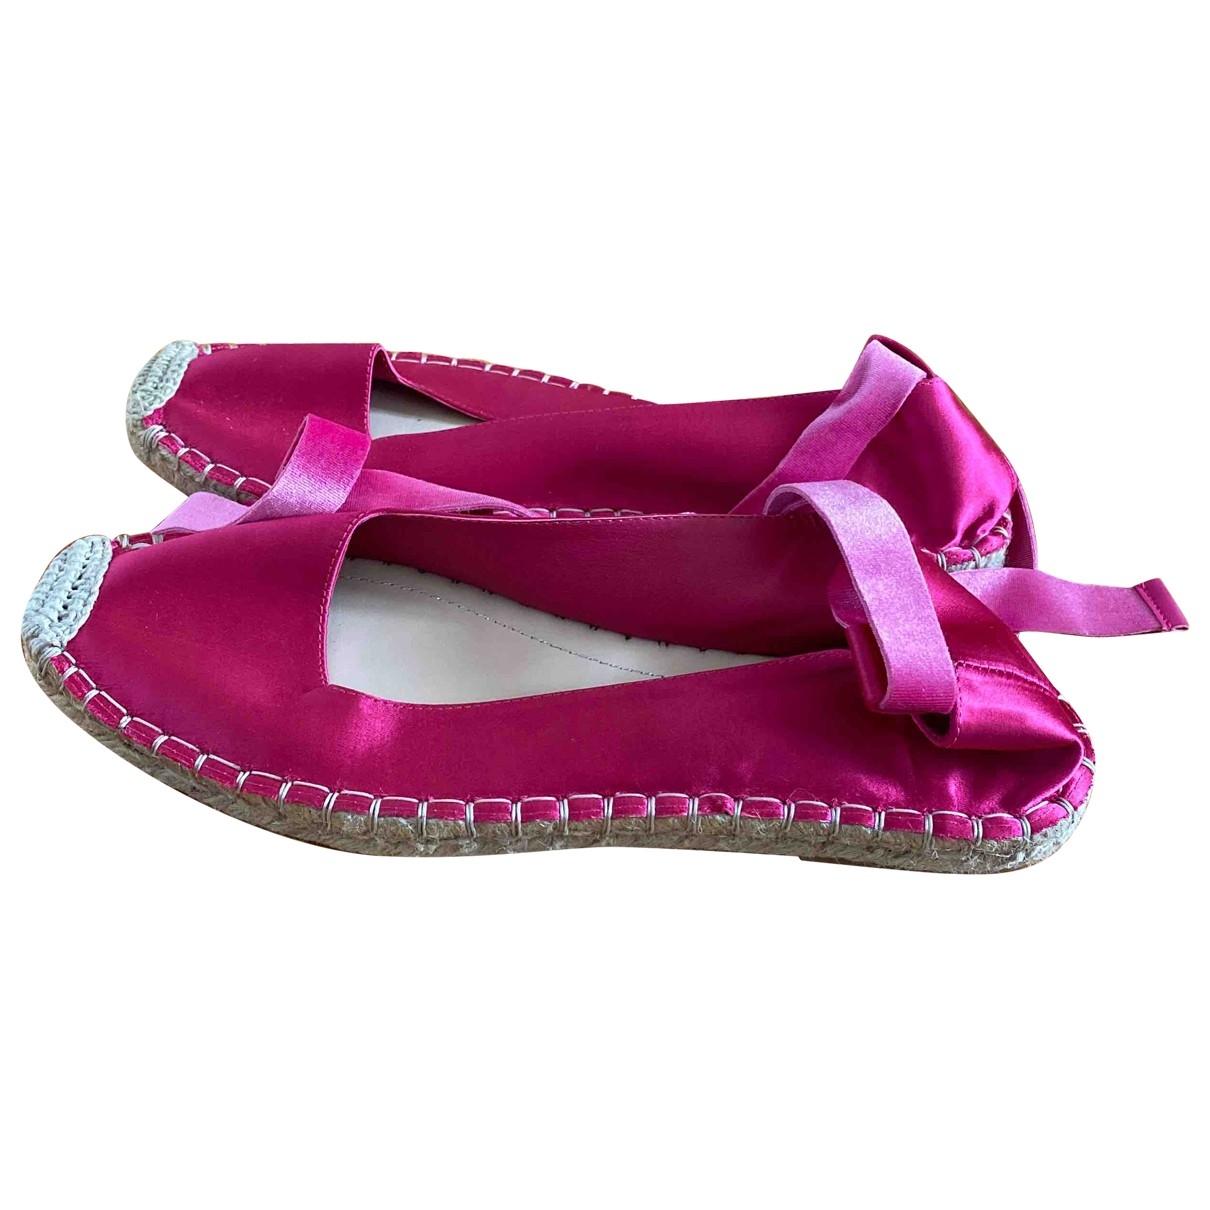 Zara - Espadrilles   pour femme en a paillettes - rose